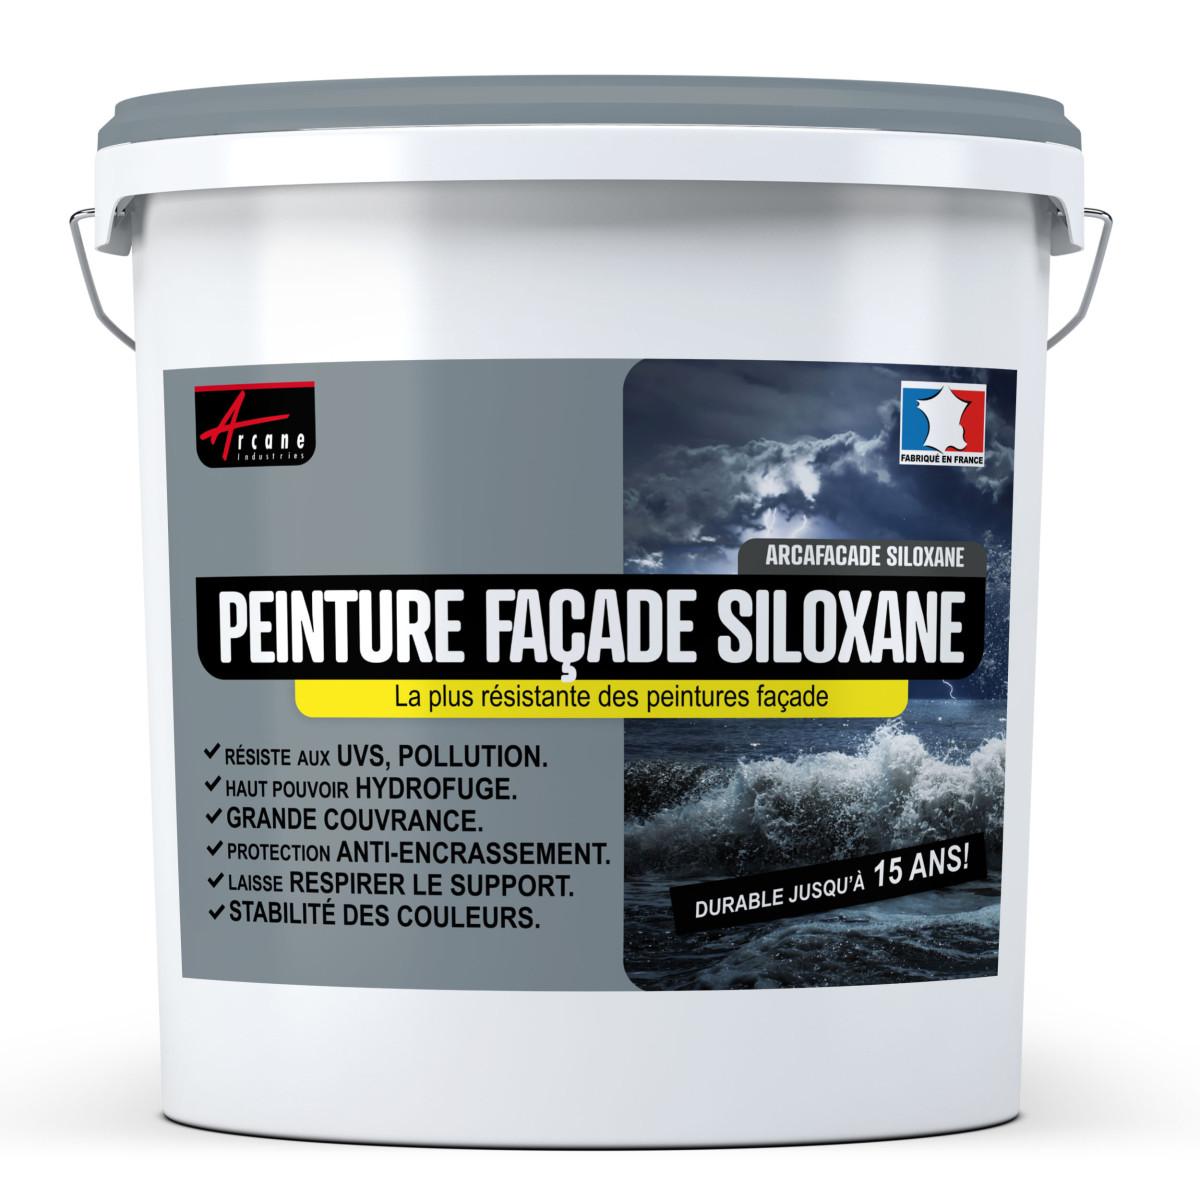 Peinture Façade Siloxane - ARCAFAÇADE SILOXANE